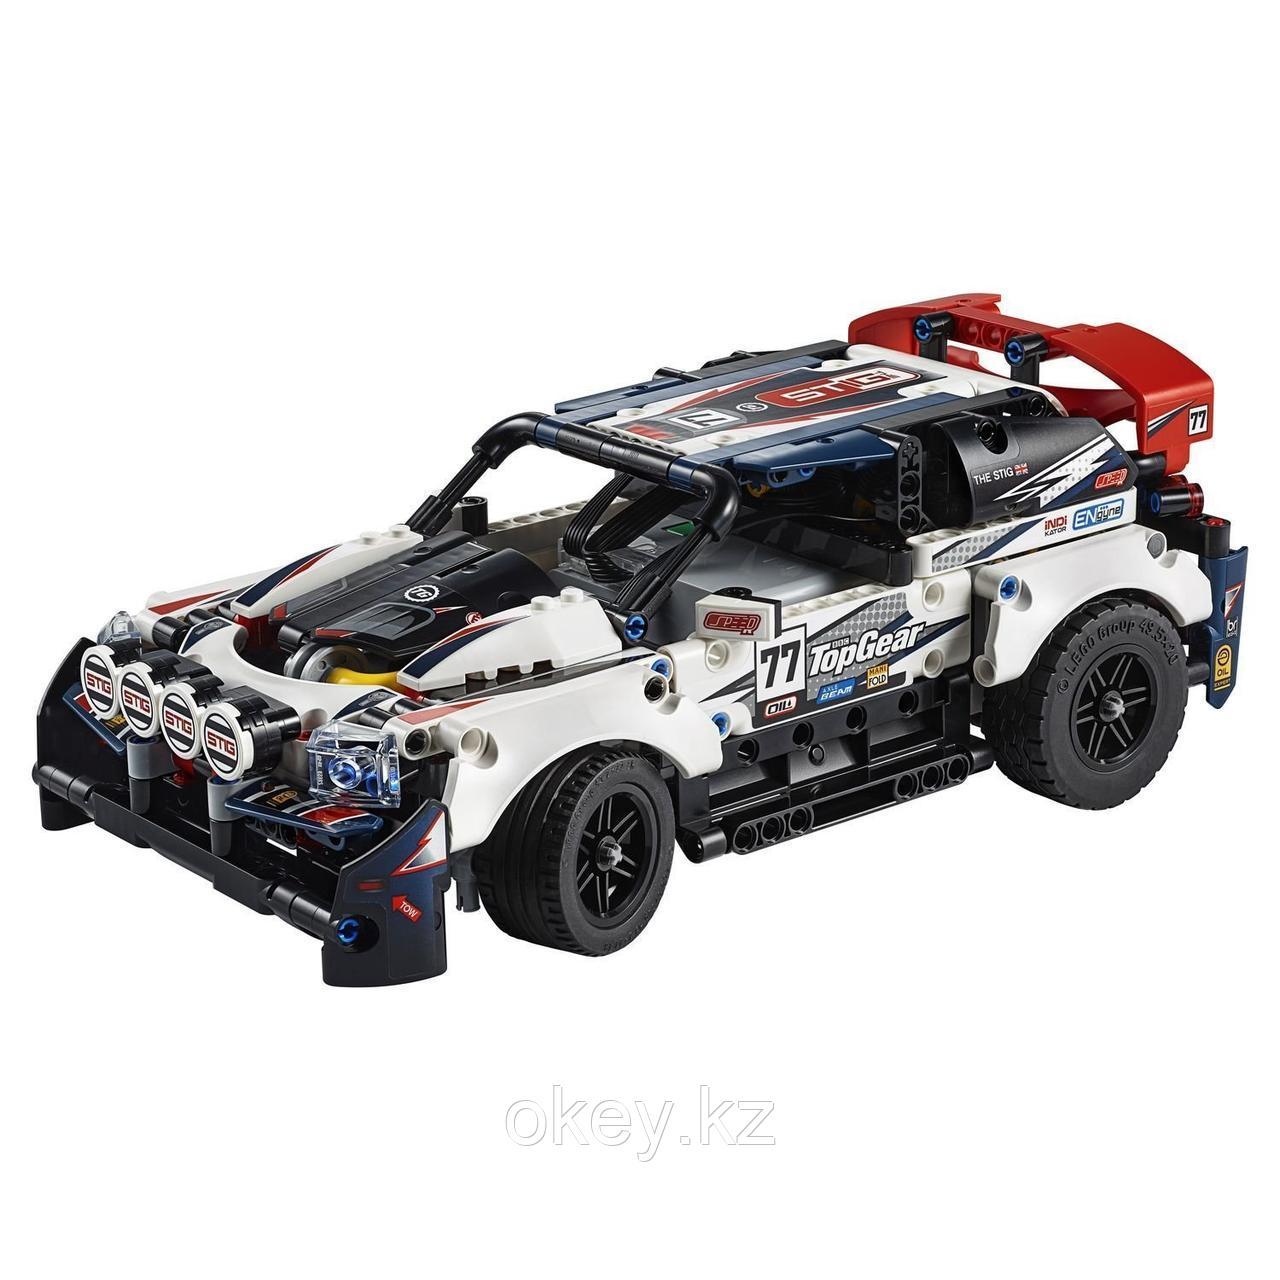 LEGO Technic: Гоночный автомобиль Top Gear 42109 - фото 3